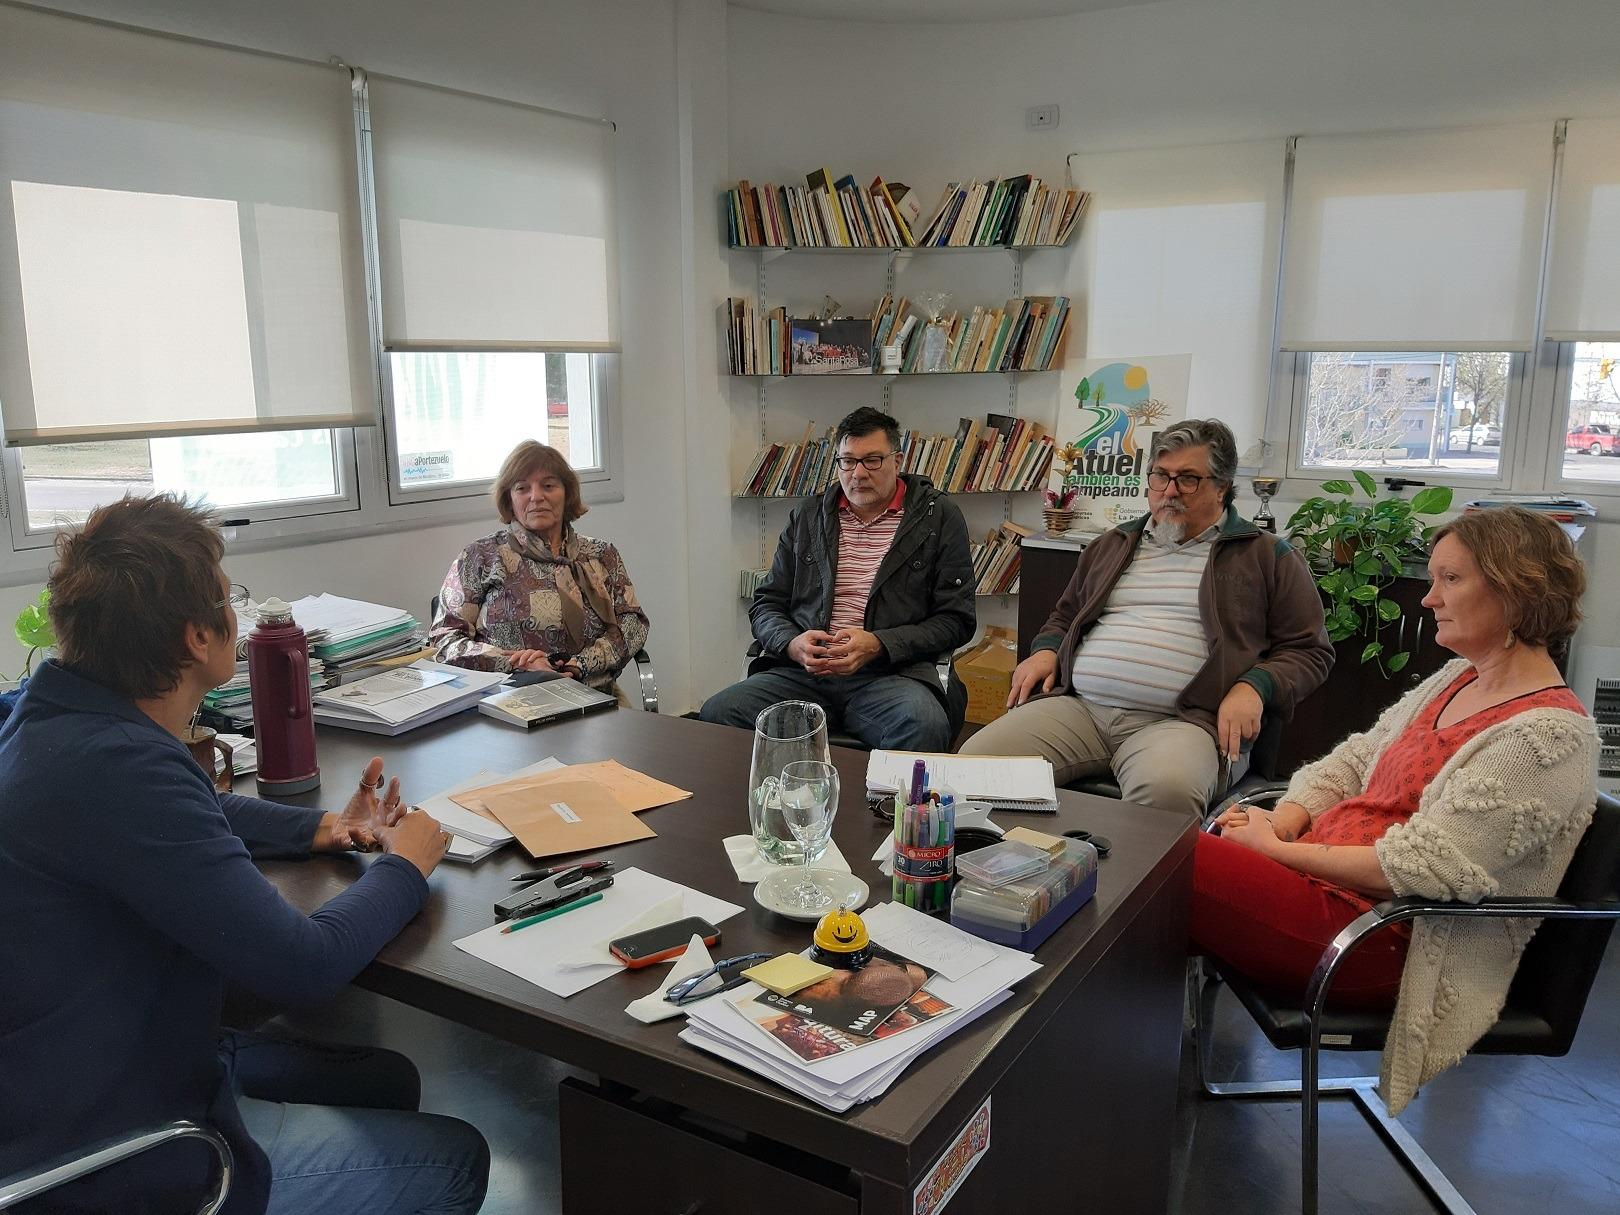 Continúa abierta la convocatoria del Fondo Editorial Pampeano para la publicación de obras literarias